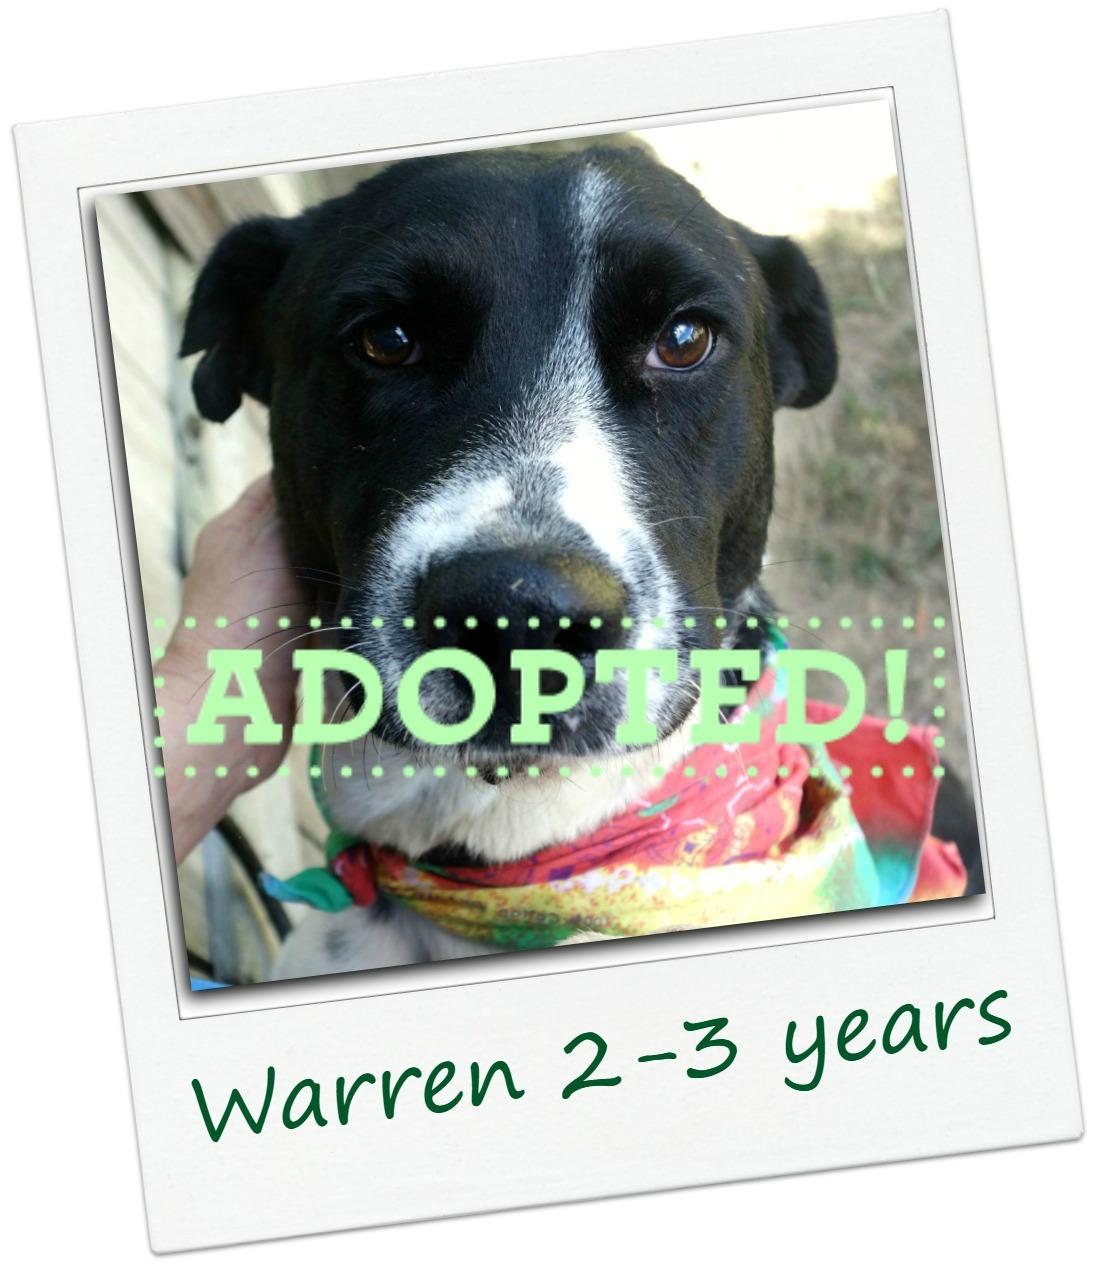 warren_adopted.jpg